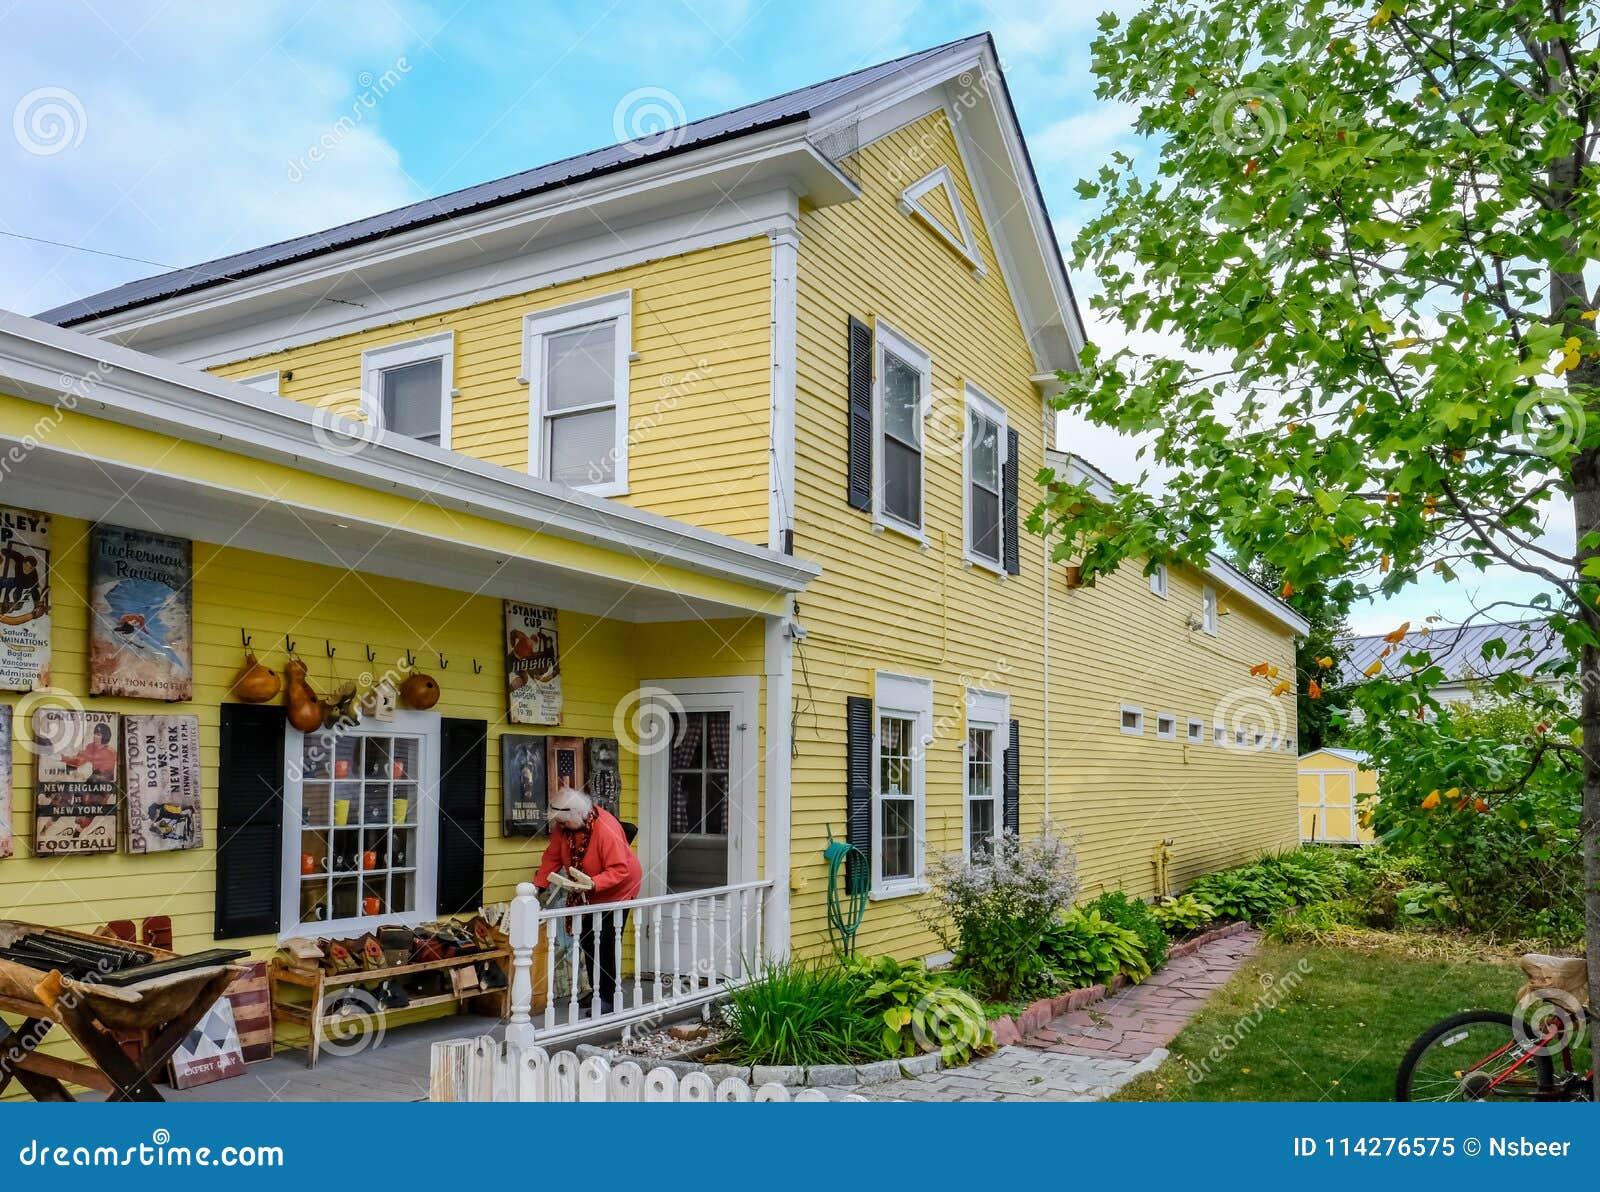 Außenansicht eines berühmten, Bauholz-erbauten Zollamts und des Souvenirladens